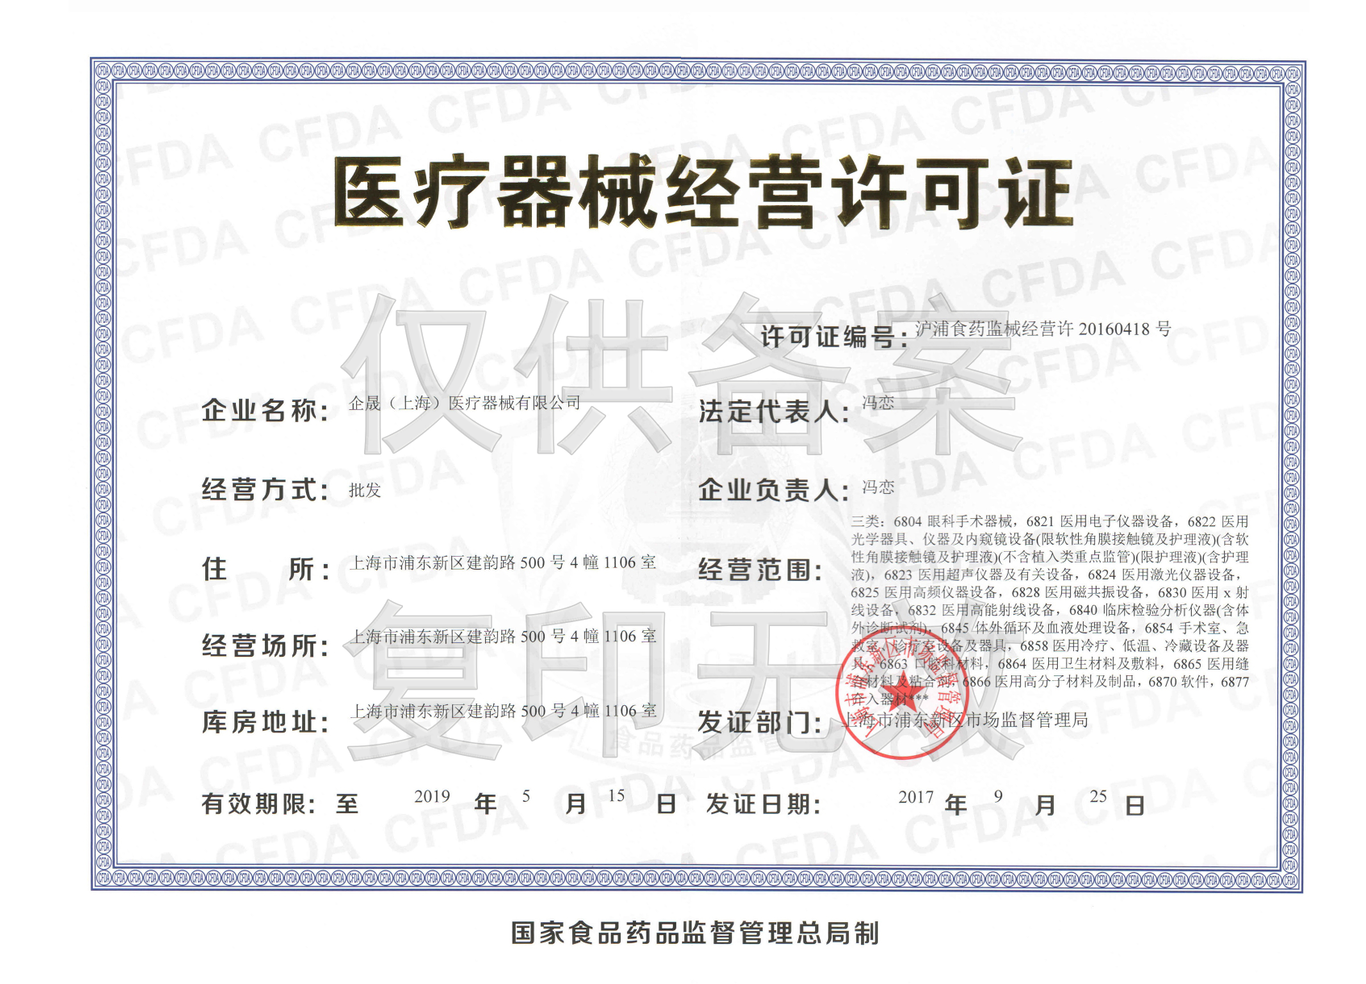 生產經營許可證